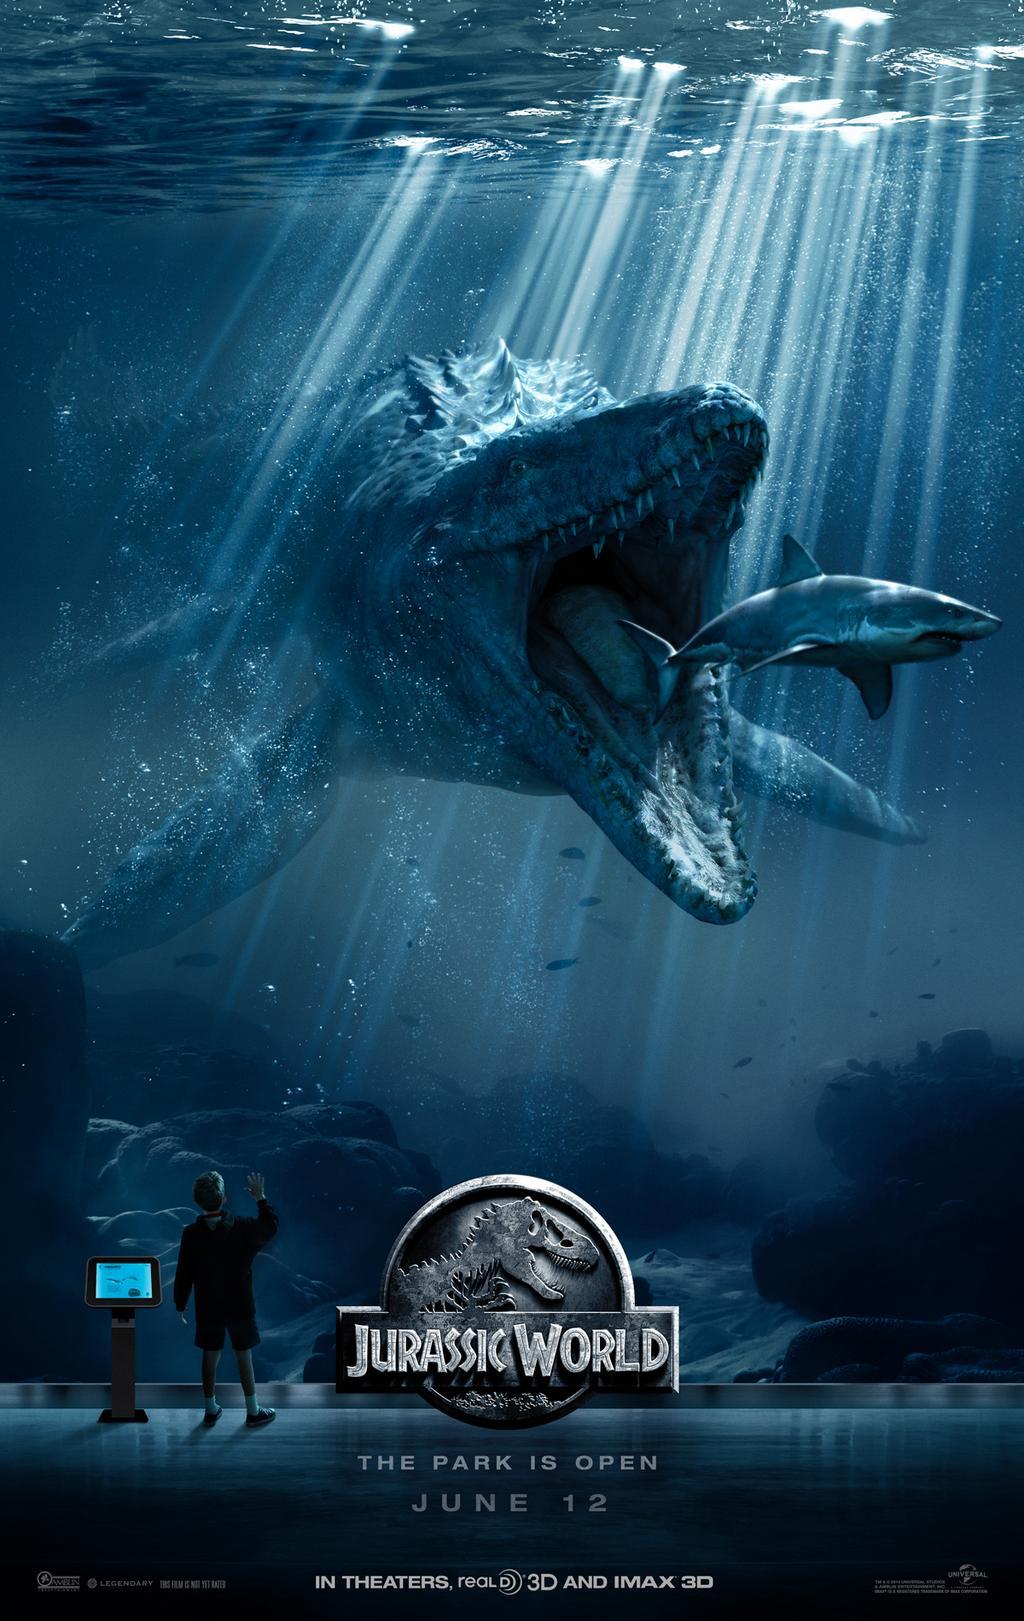 L'image du film présentant le dinosaure sous-marin